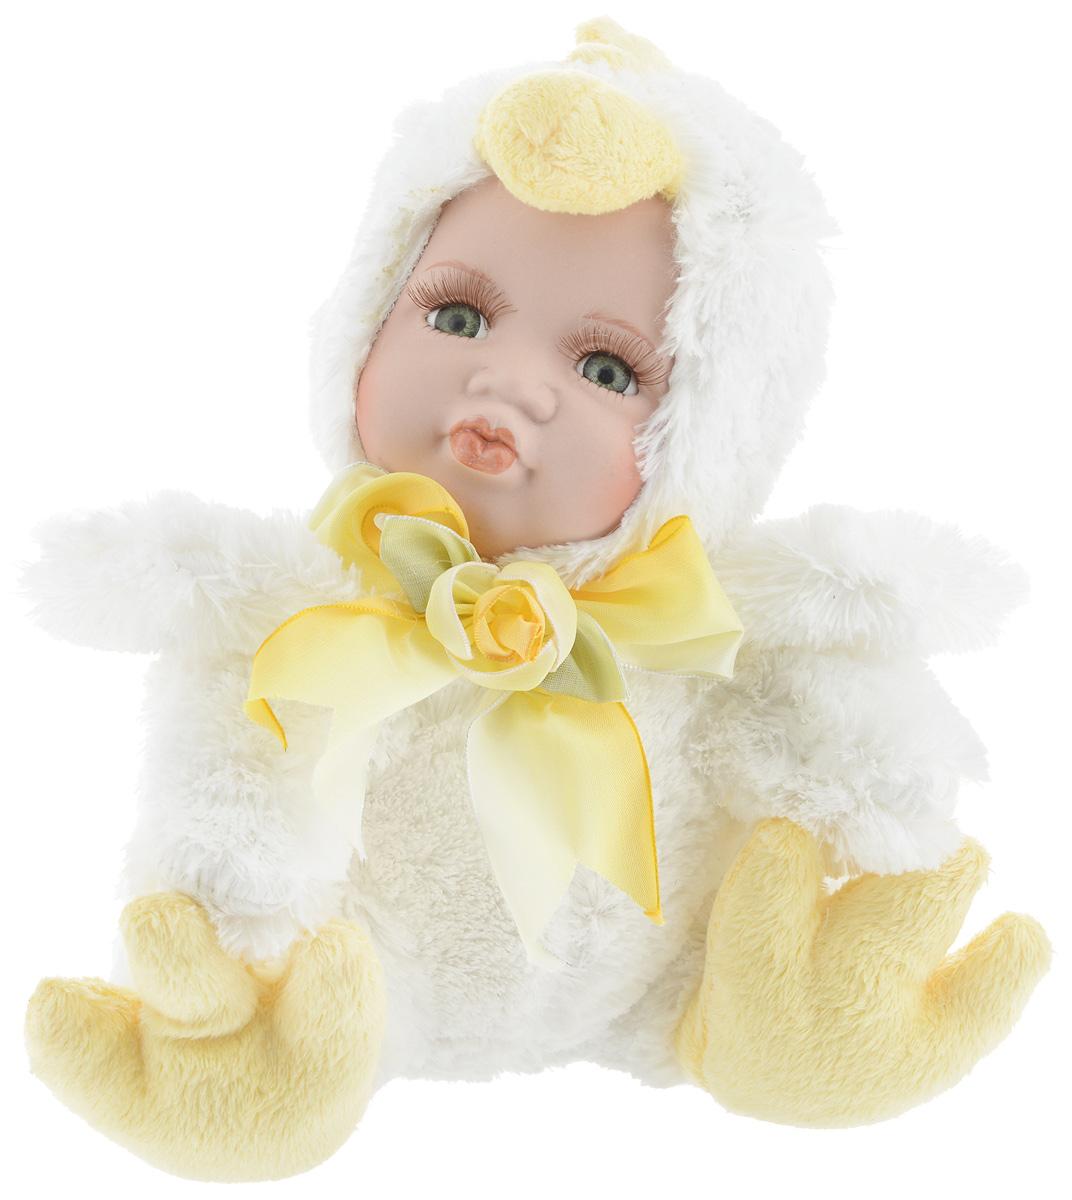 Фигурка новогодняя ESTRO Ребенок в костюме цыпленка, цвет: белый, желтый, высота 22 смC21-128215BДекоративная фигурка Ребенок в костюме цыпленка изготовлена из высококачественных материалов в оригинальном стиле. Фигурка выполнена в виде ребенка в костюме цыпленка. Уютная и милая интерьерная игрушка предназначена для взрослых и детей, для игр и украшения новогодней елки, да и просто, для создания праздничной атмосферы в интерьере! Фигурка прекрасно украсит ваш дом к празднику, а в остальные дни с ней с удовольствием будут играть дети. Оригинальный дизайн и красочное исполнение создадут праздничное настроение. Фигурка создана вручную, неповторима и оригинальна. Порадуйте своих друзей и близких этим замечательным подарком!